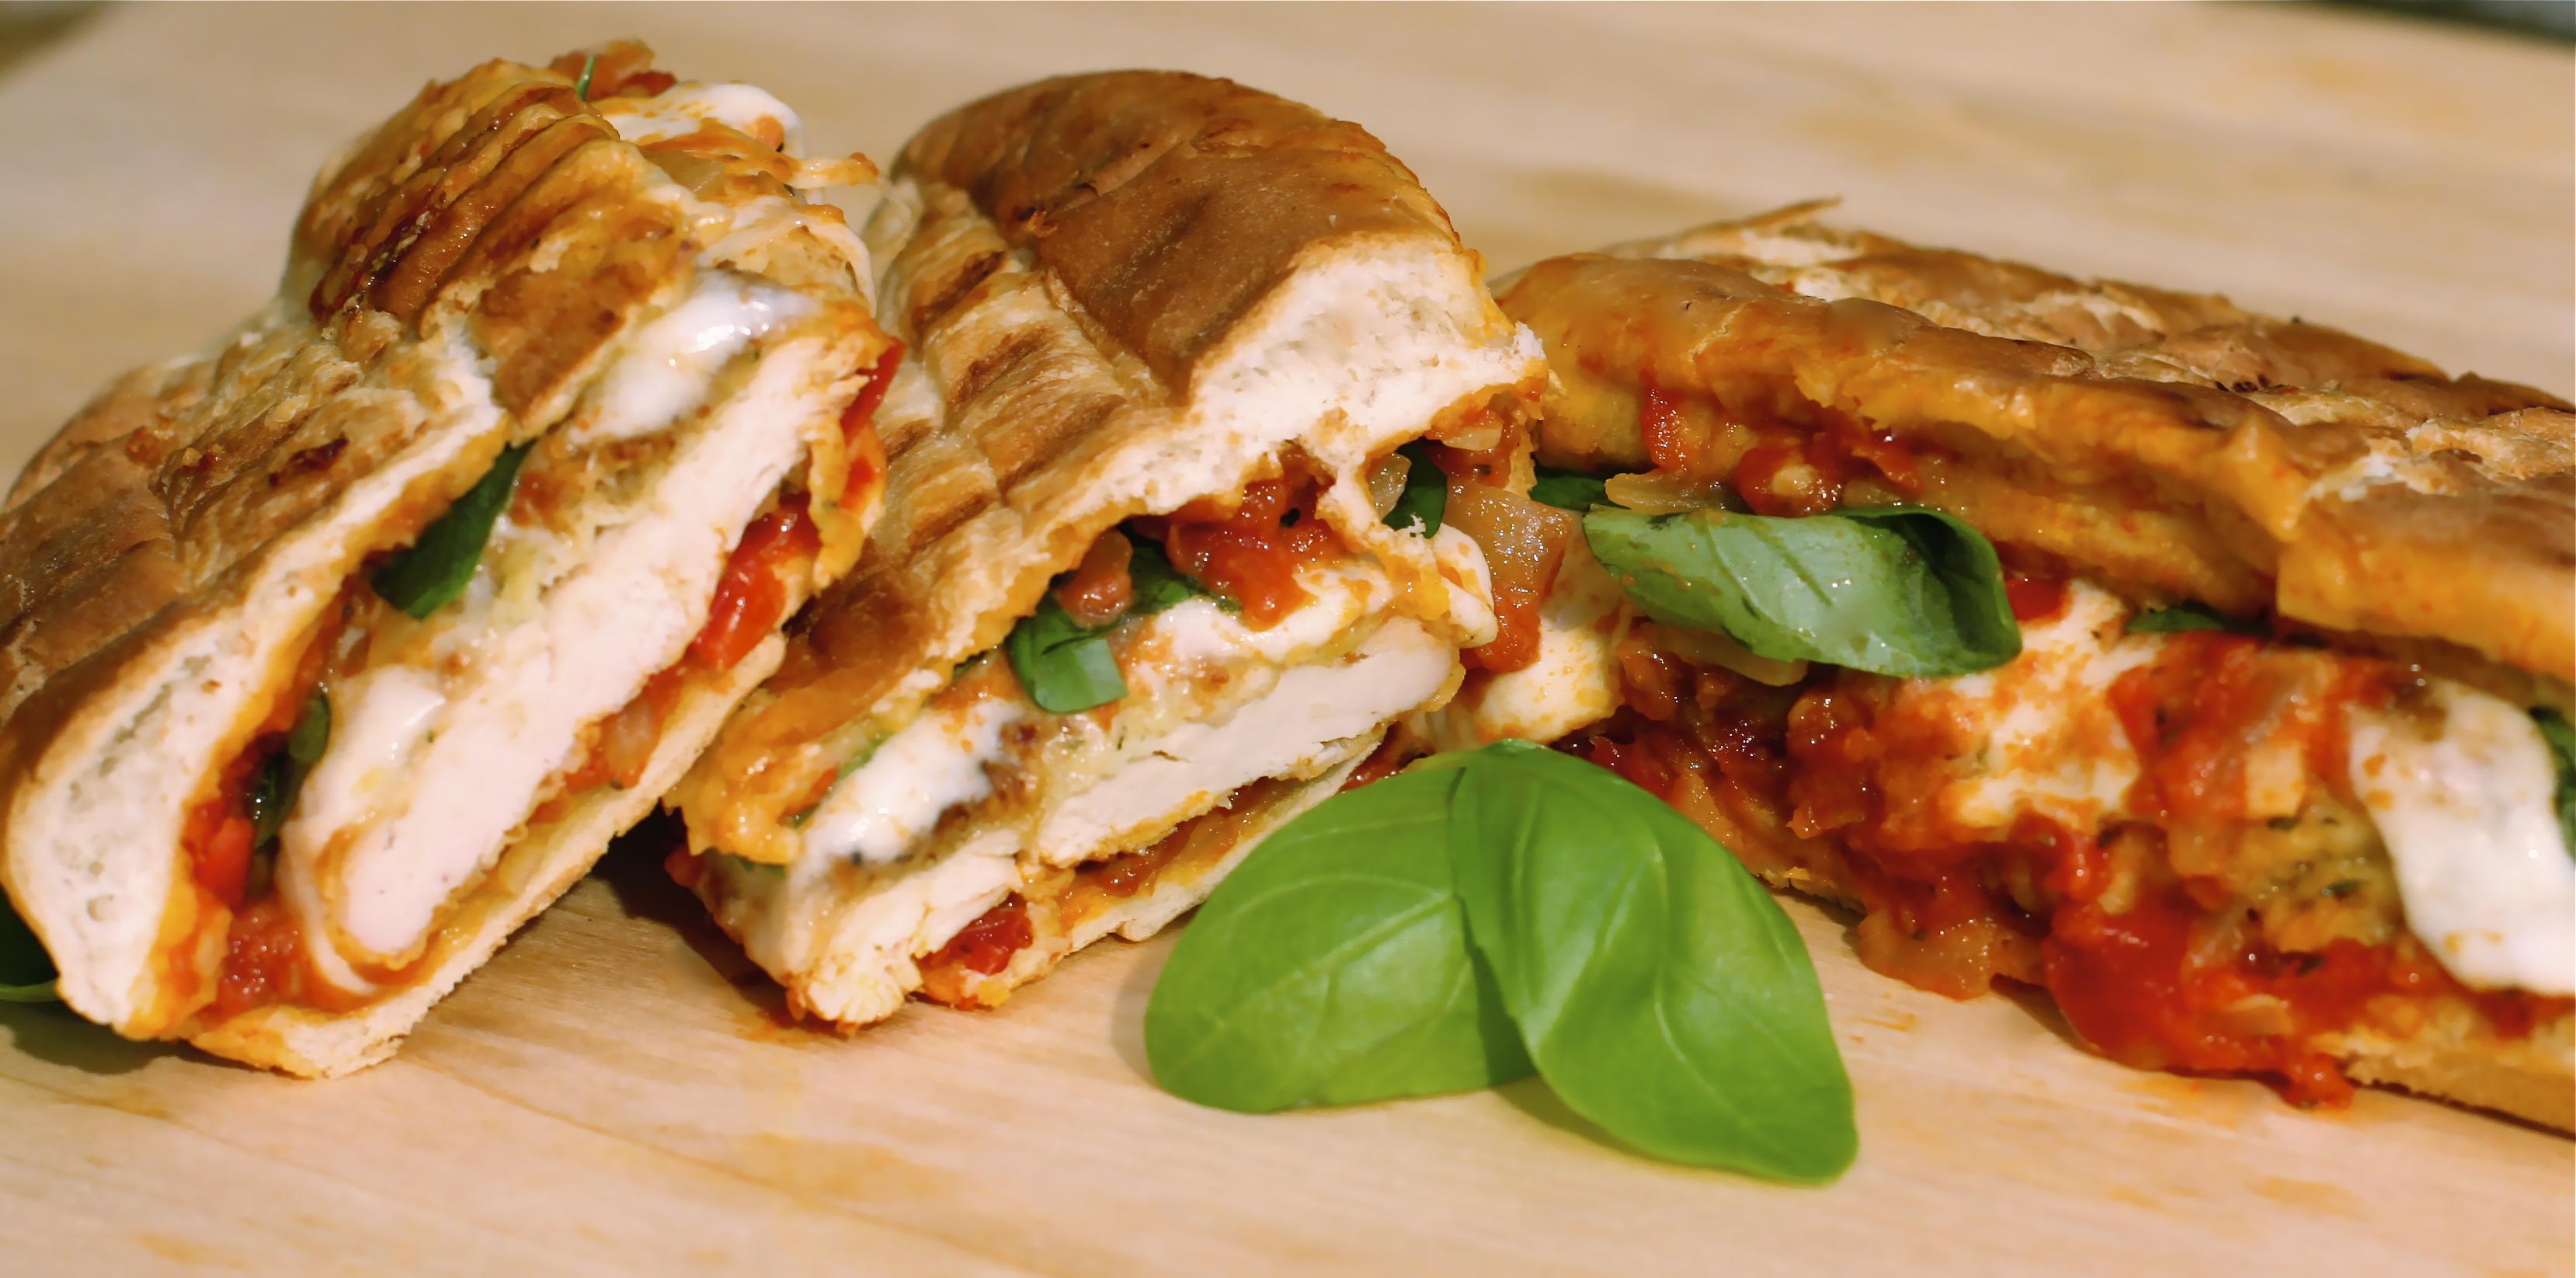 Homerun Hoagie Grilled Chicken Parmesan Sandwich - The Hopeless ...